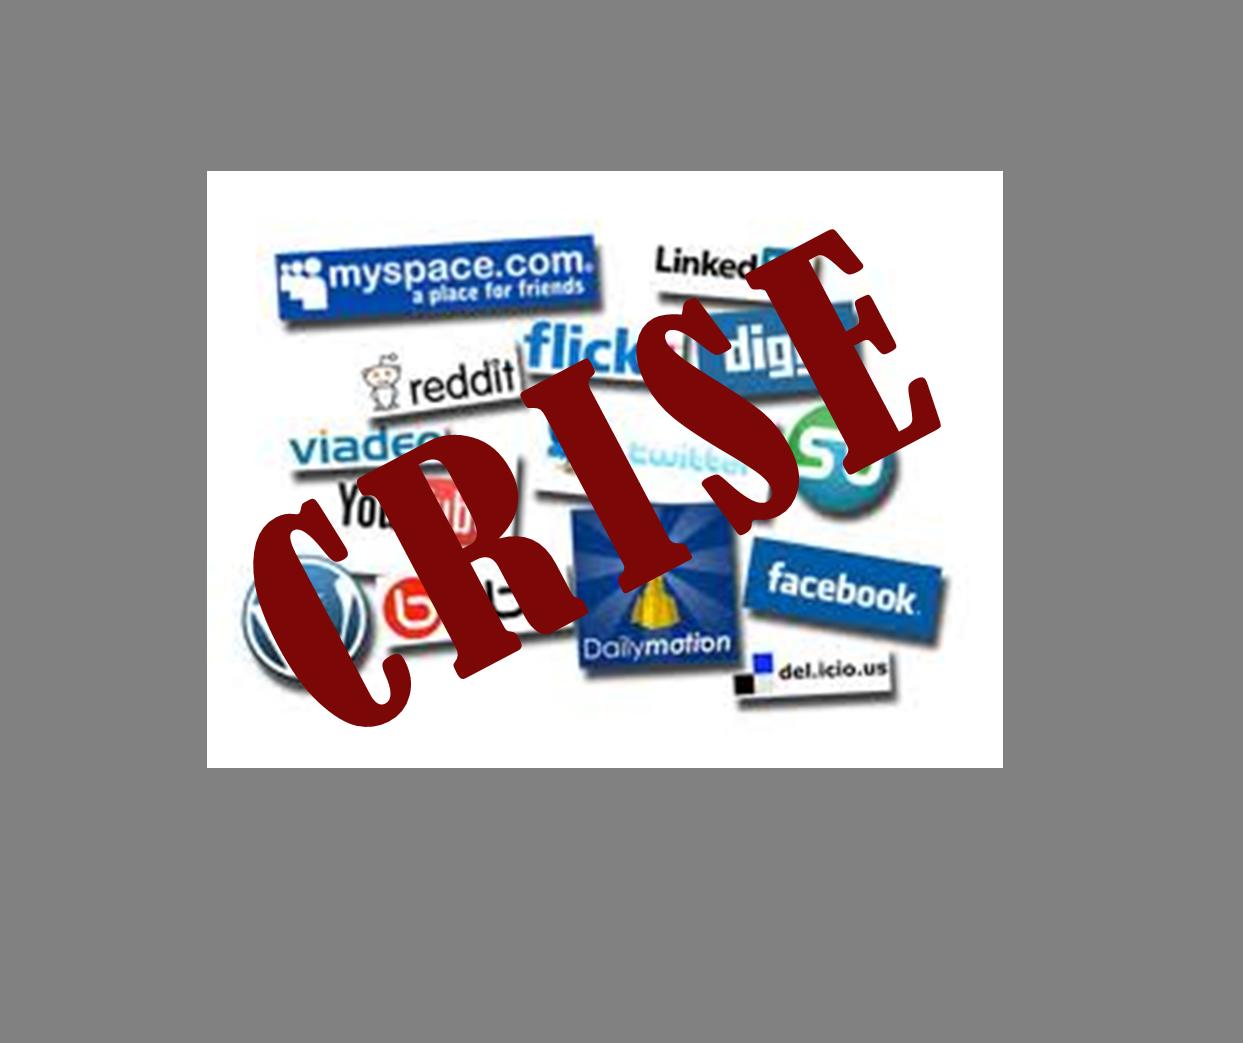 Comment gérer une situation de crise sur les réseaux sociaux ? Conseils et exemples